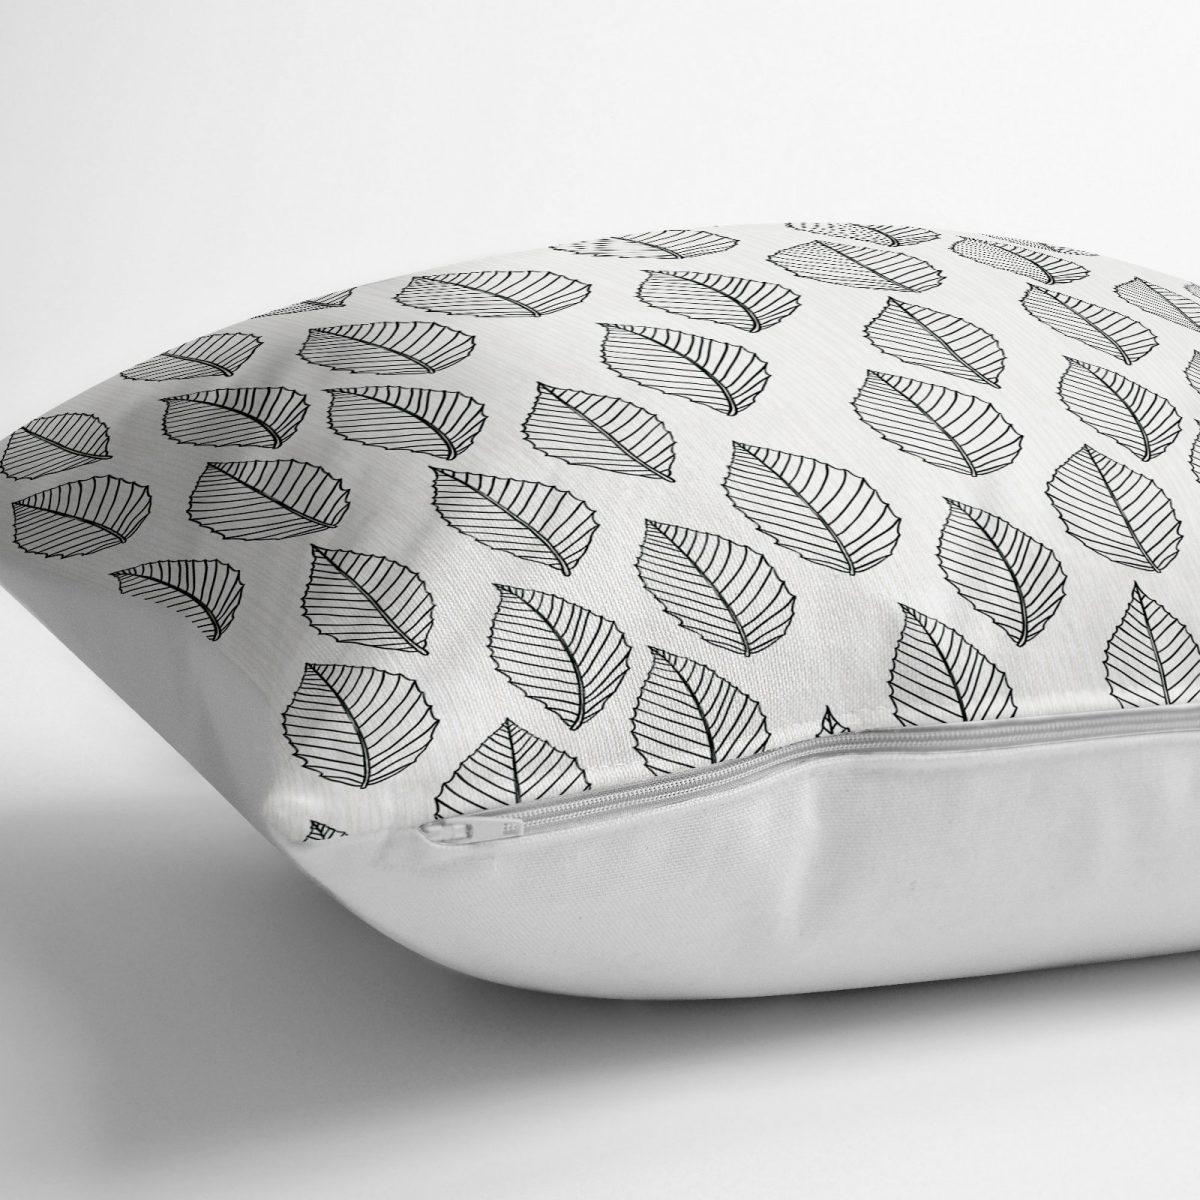 Özel Tasarım Yaprak Desenli Dijital Baskılı Yer Minderi - 70 x 70 cm Realhomes